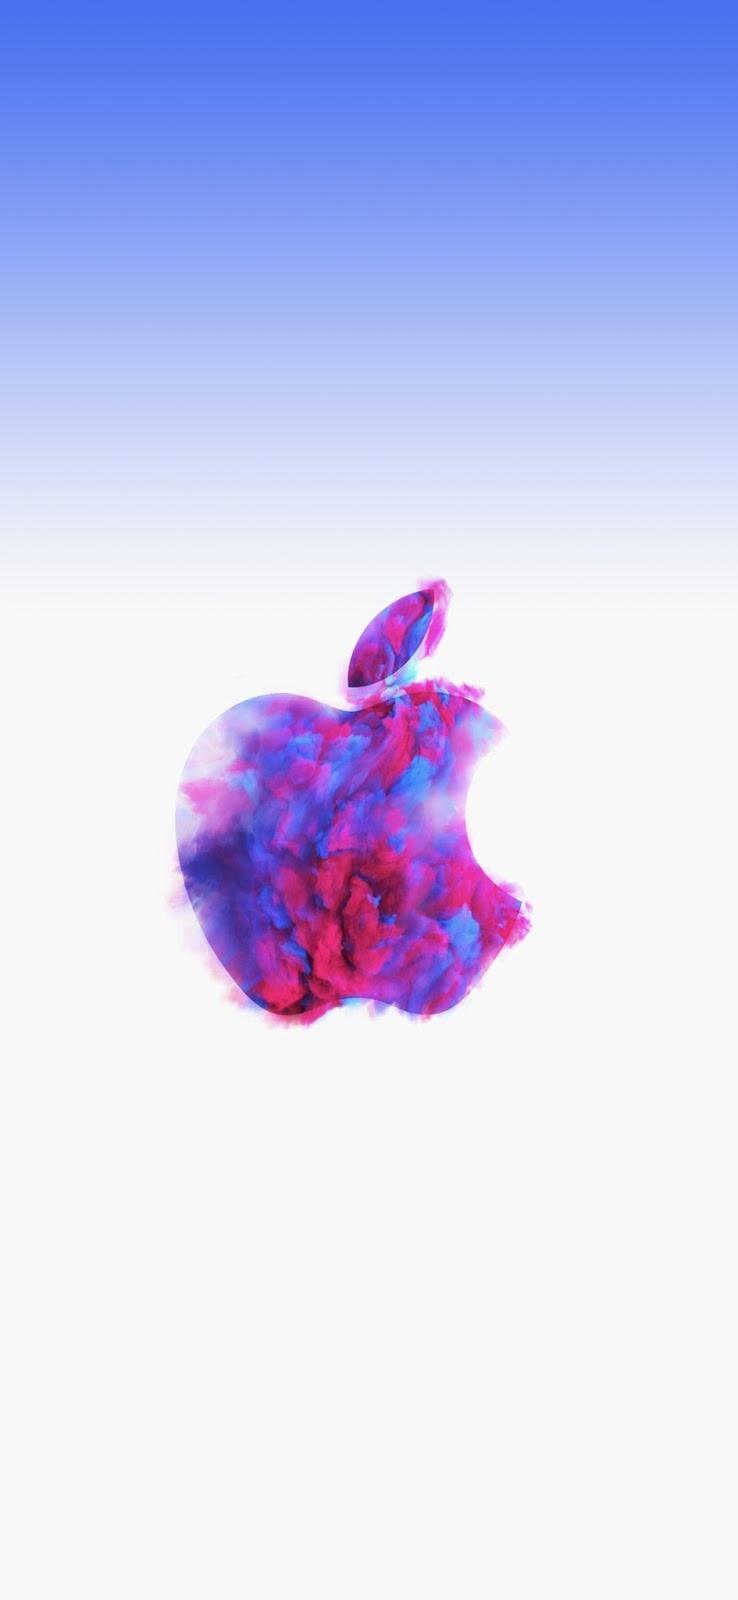 خلفيات ايفون 11 برو ماكس احلى خلفيات ايفون Pro Max مصراوى الشامل